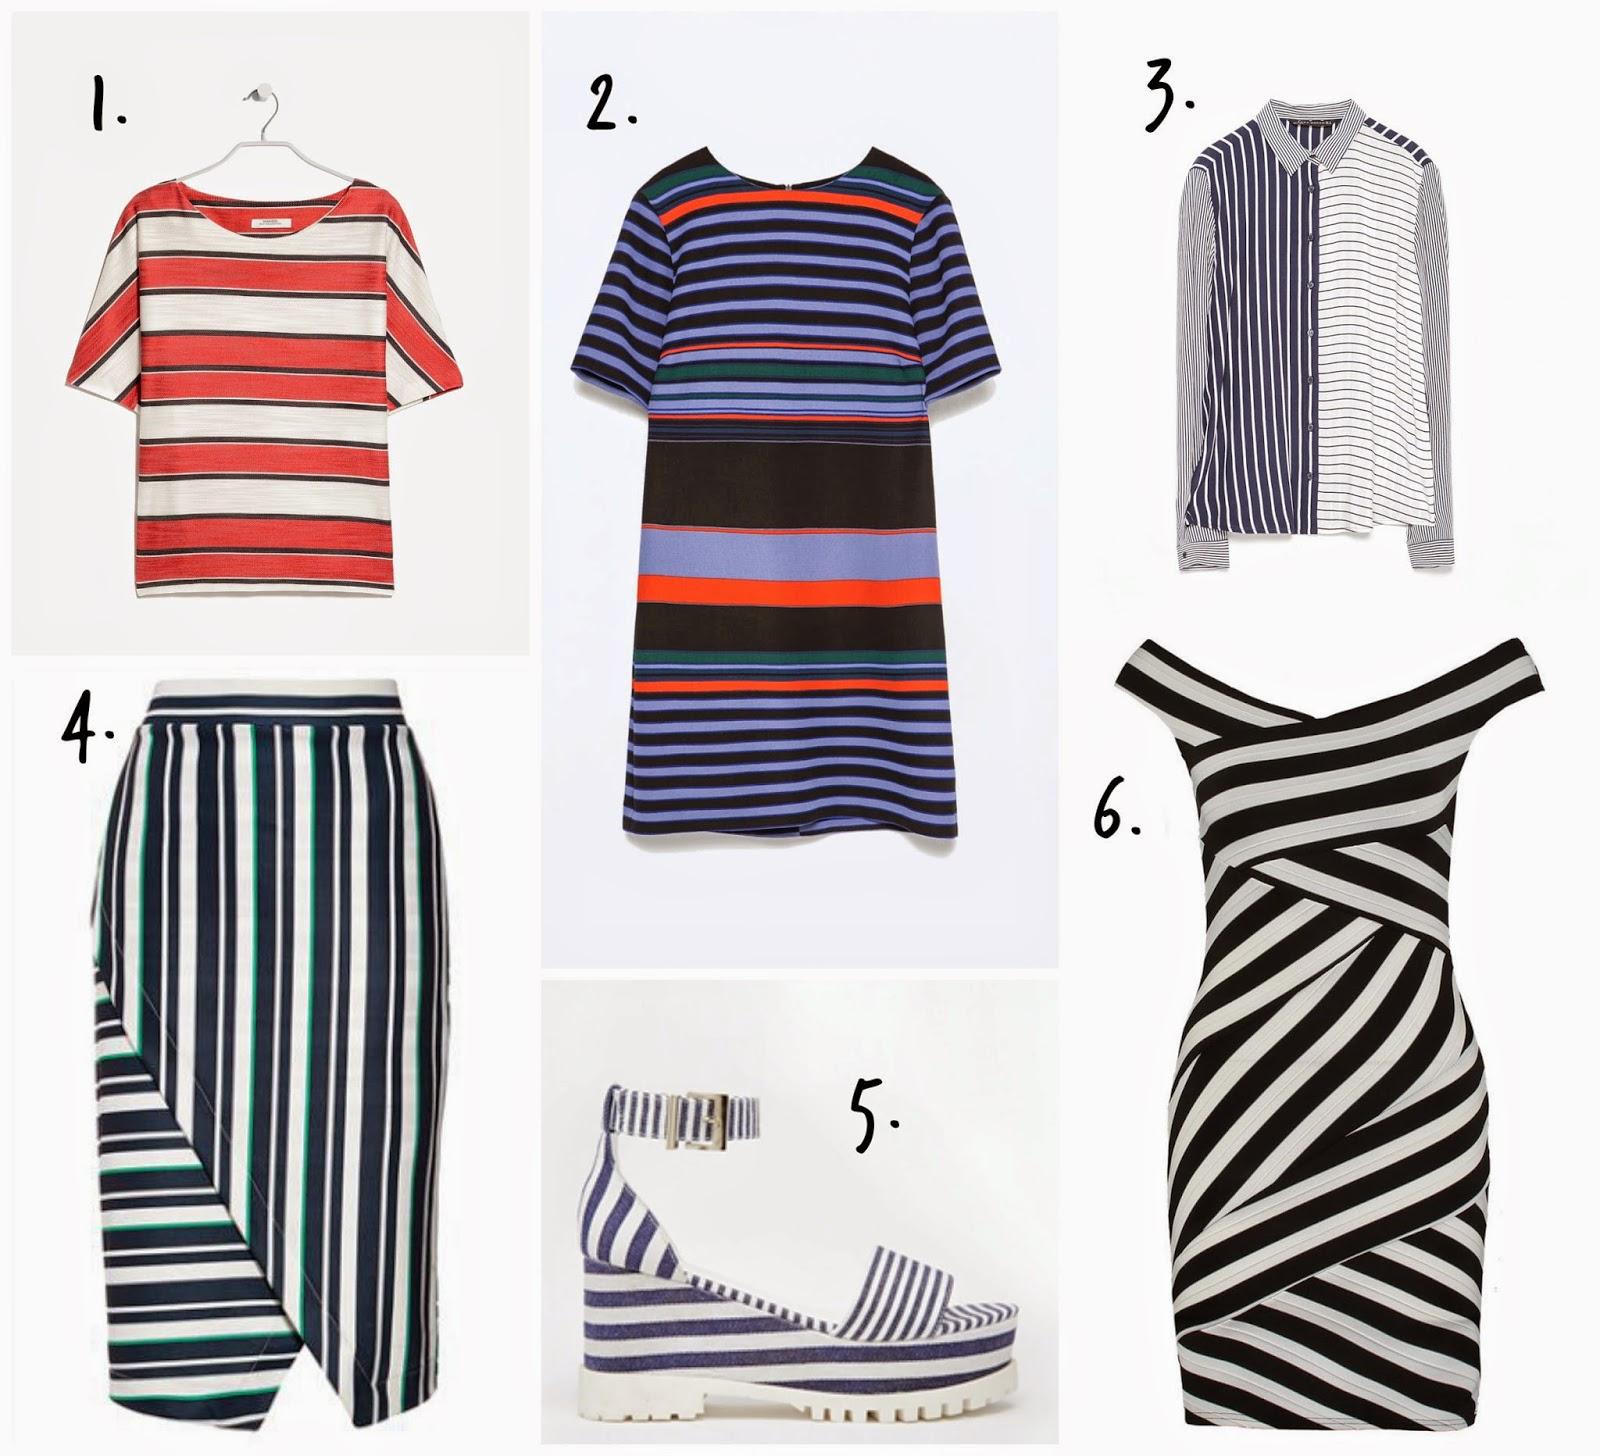 Tendencia Trendy estampado rayas primavera verano 2015 moda desiguales vestidos